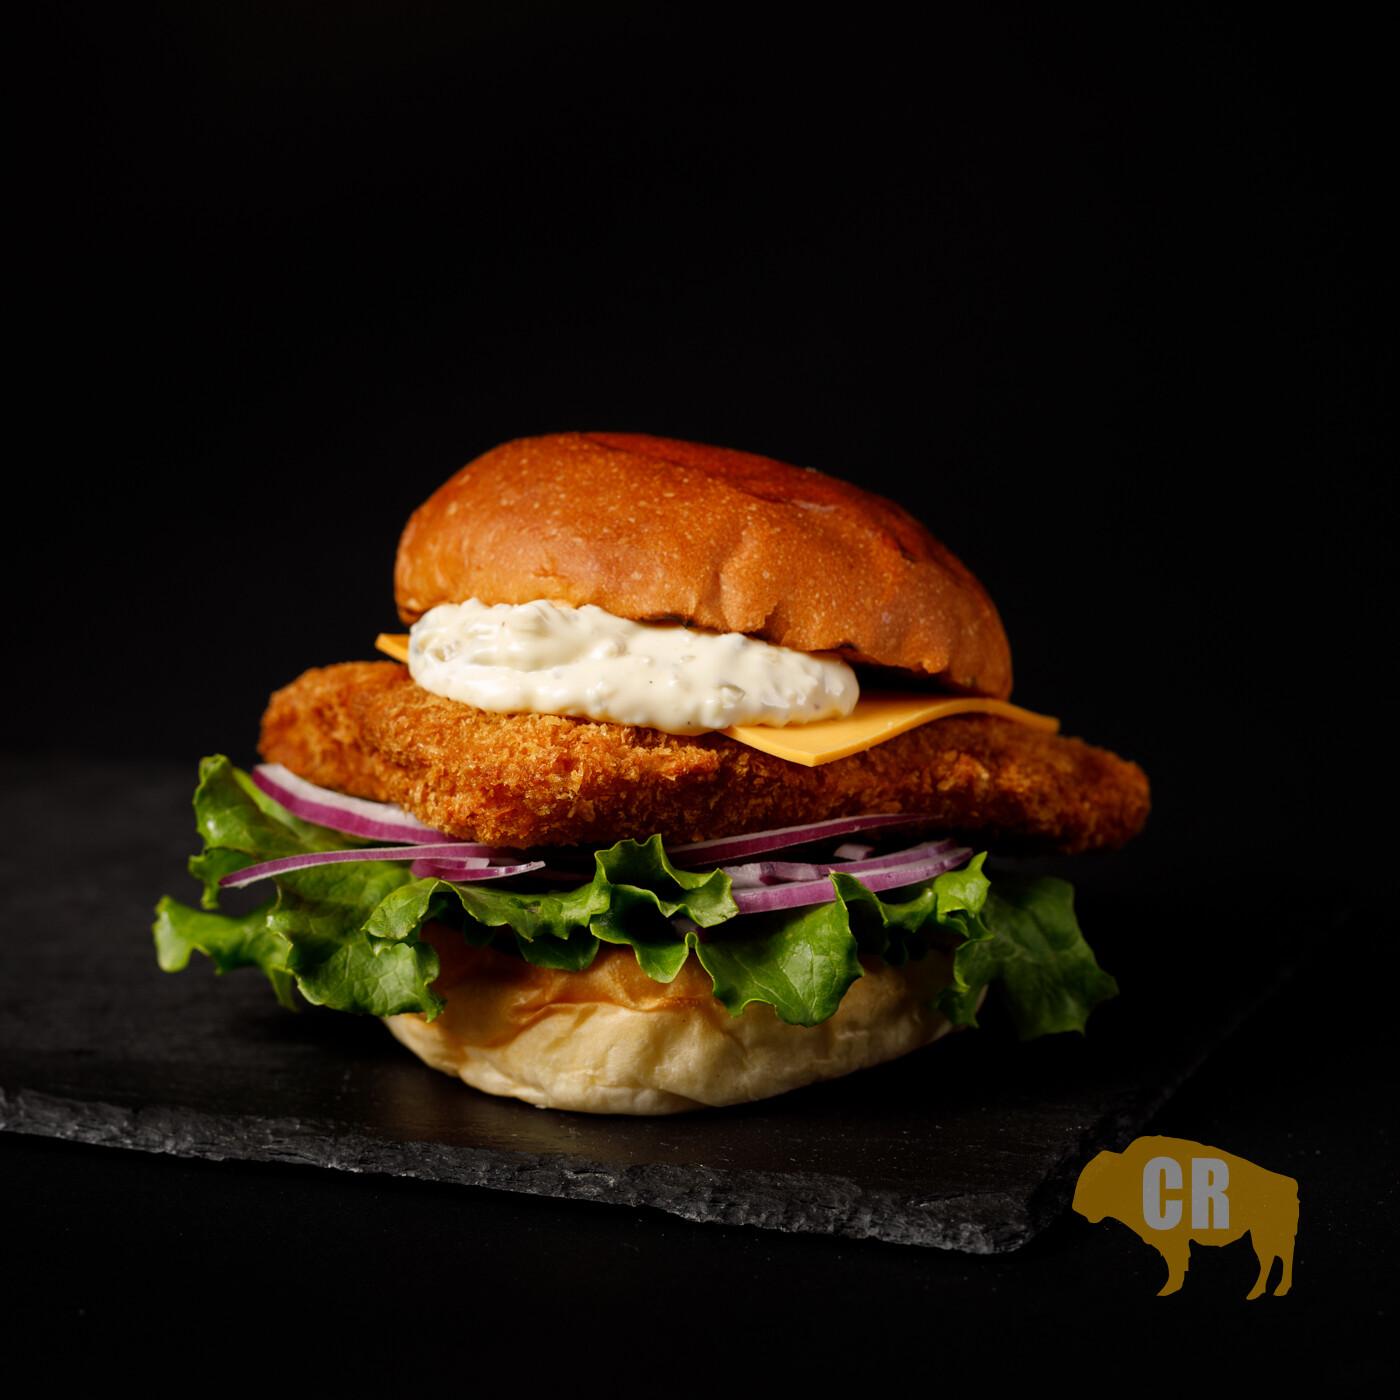 Fish Cheeseburger